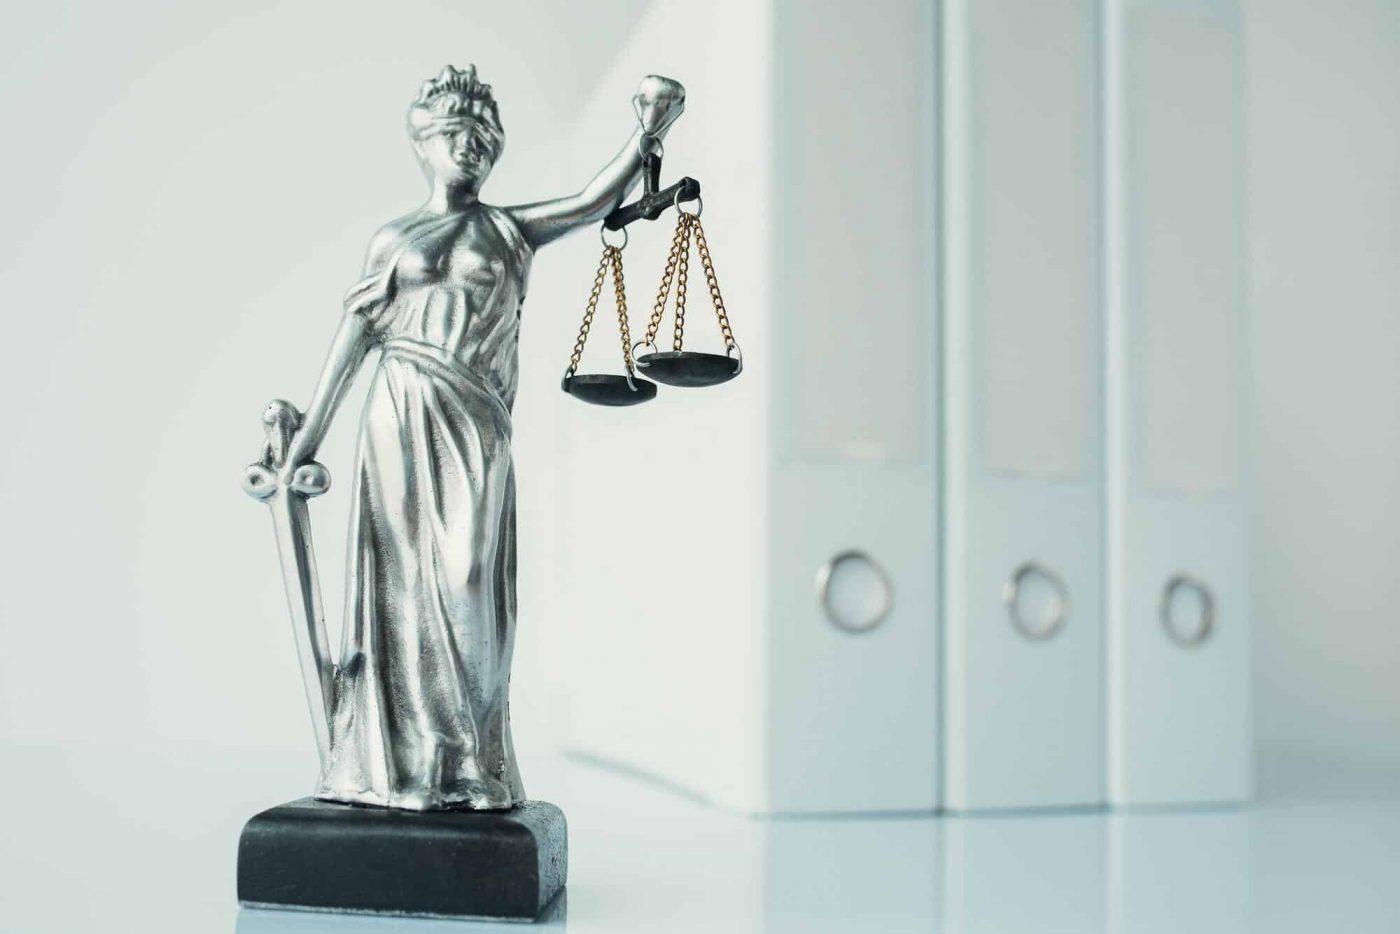 Lady Justice statue in law firm office - lady justice statue in law firm office o9s7ins6l85txrmj7yyhhbrkrup5to0uwvzpukbpmk - Gesetzliche Vorgaben